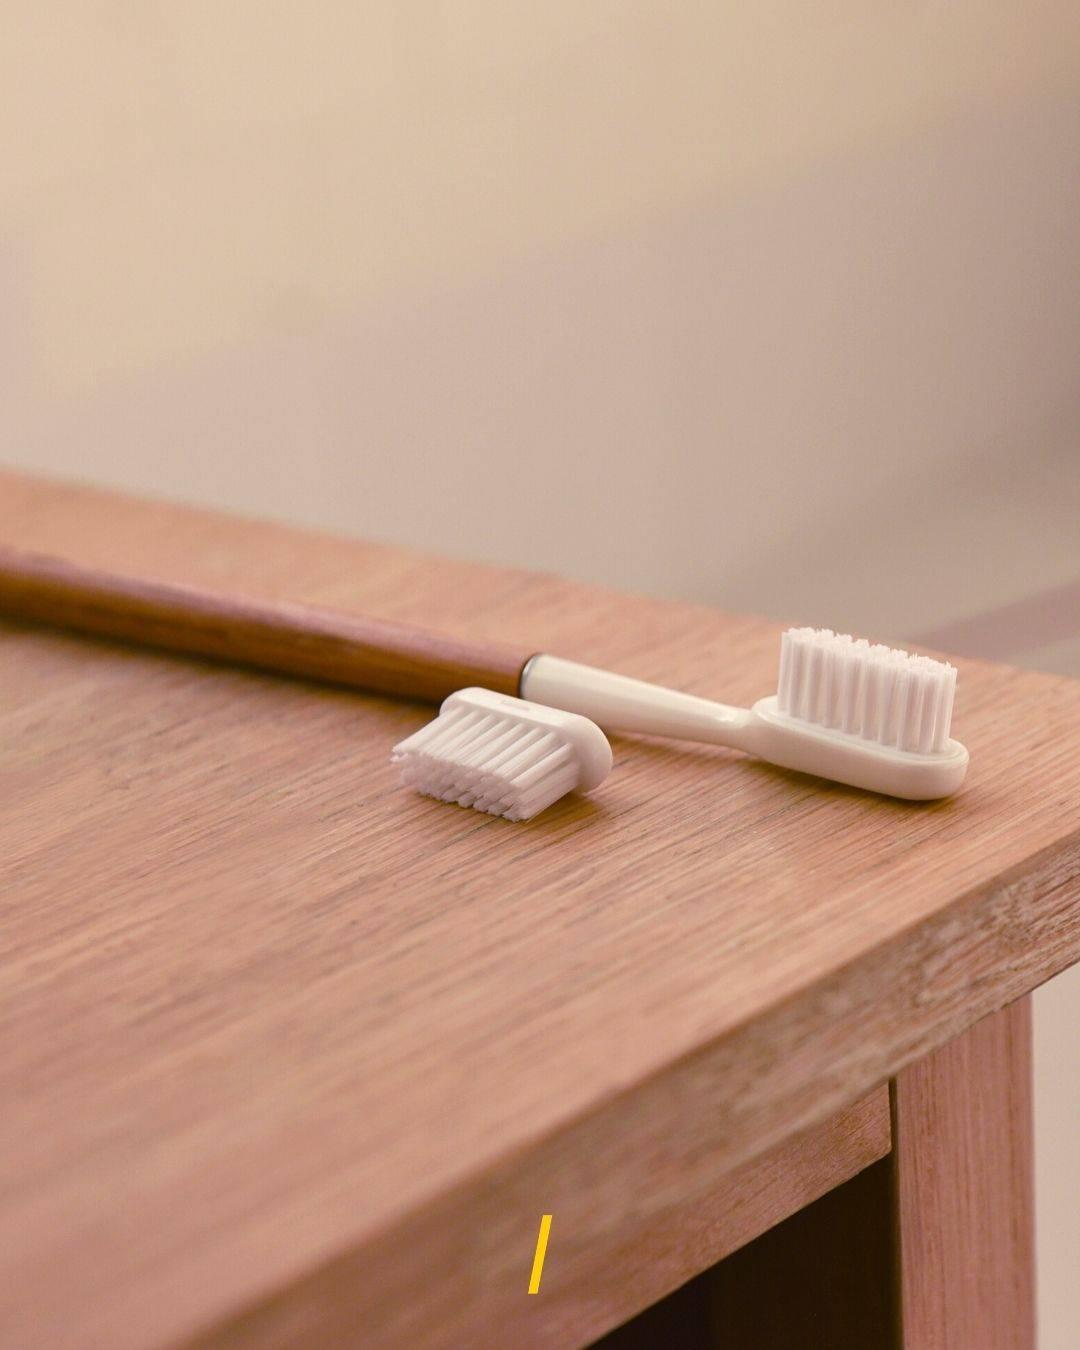 La brosse a dents en bois de chene - Tete interchangeable - Caliquo